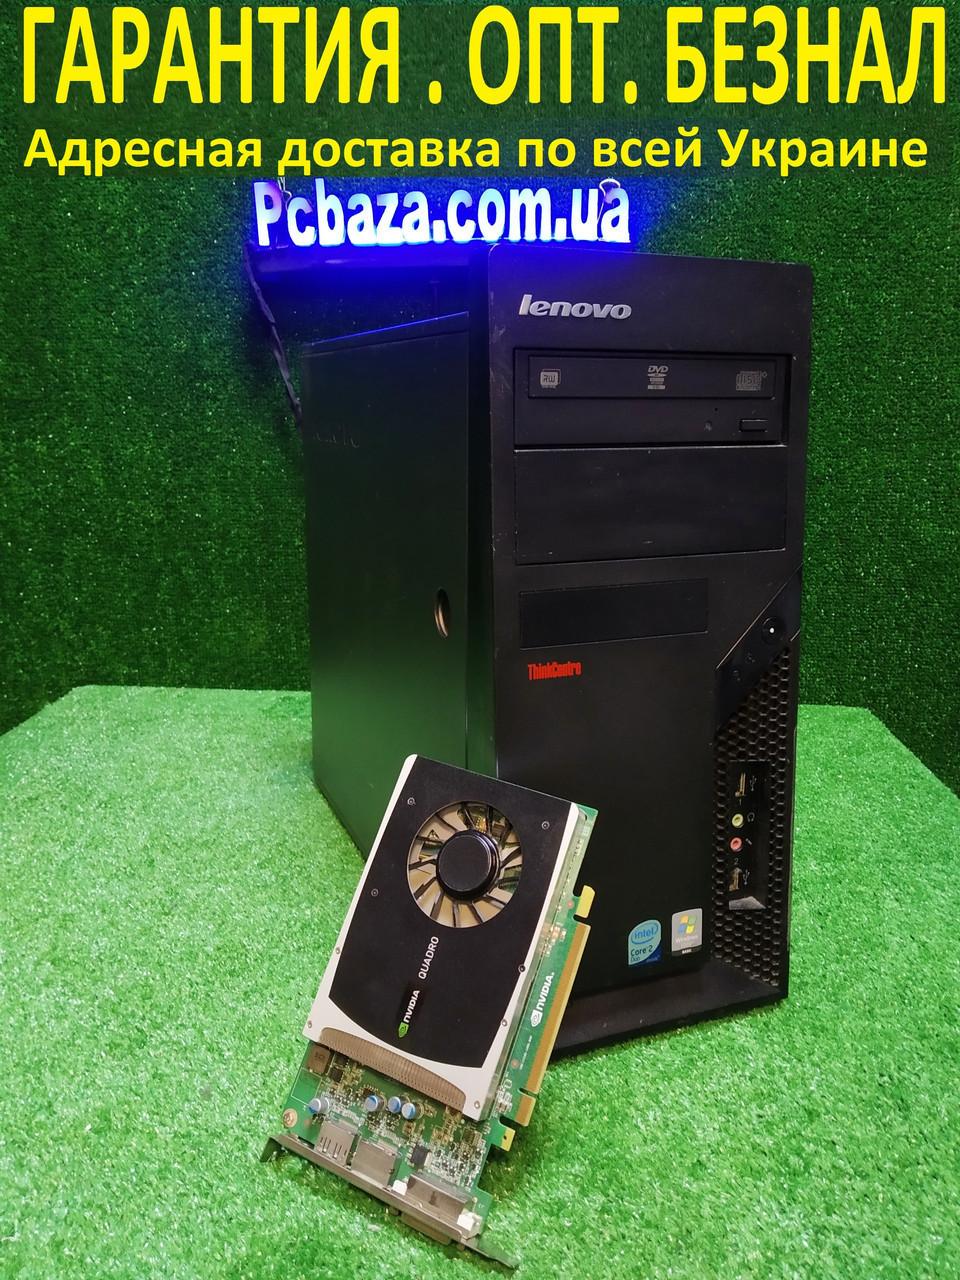 Игровой Компьютер Lenovo, Intel 4 ядра, 8GB ОЗУ, 1000GB HDD, RX 550 4 GB!!!, Настроен и готов к работе!